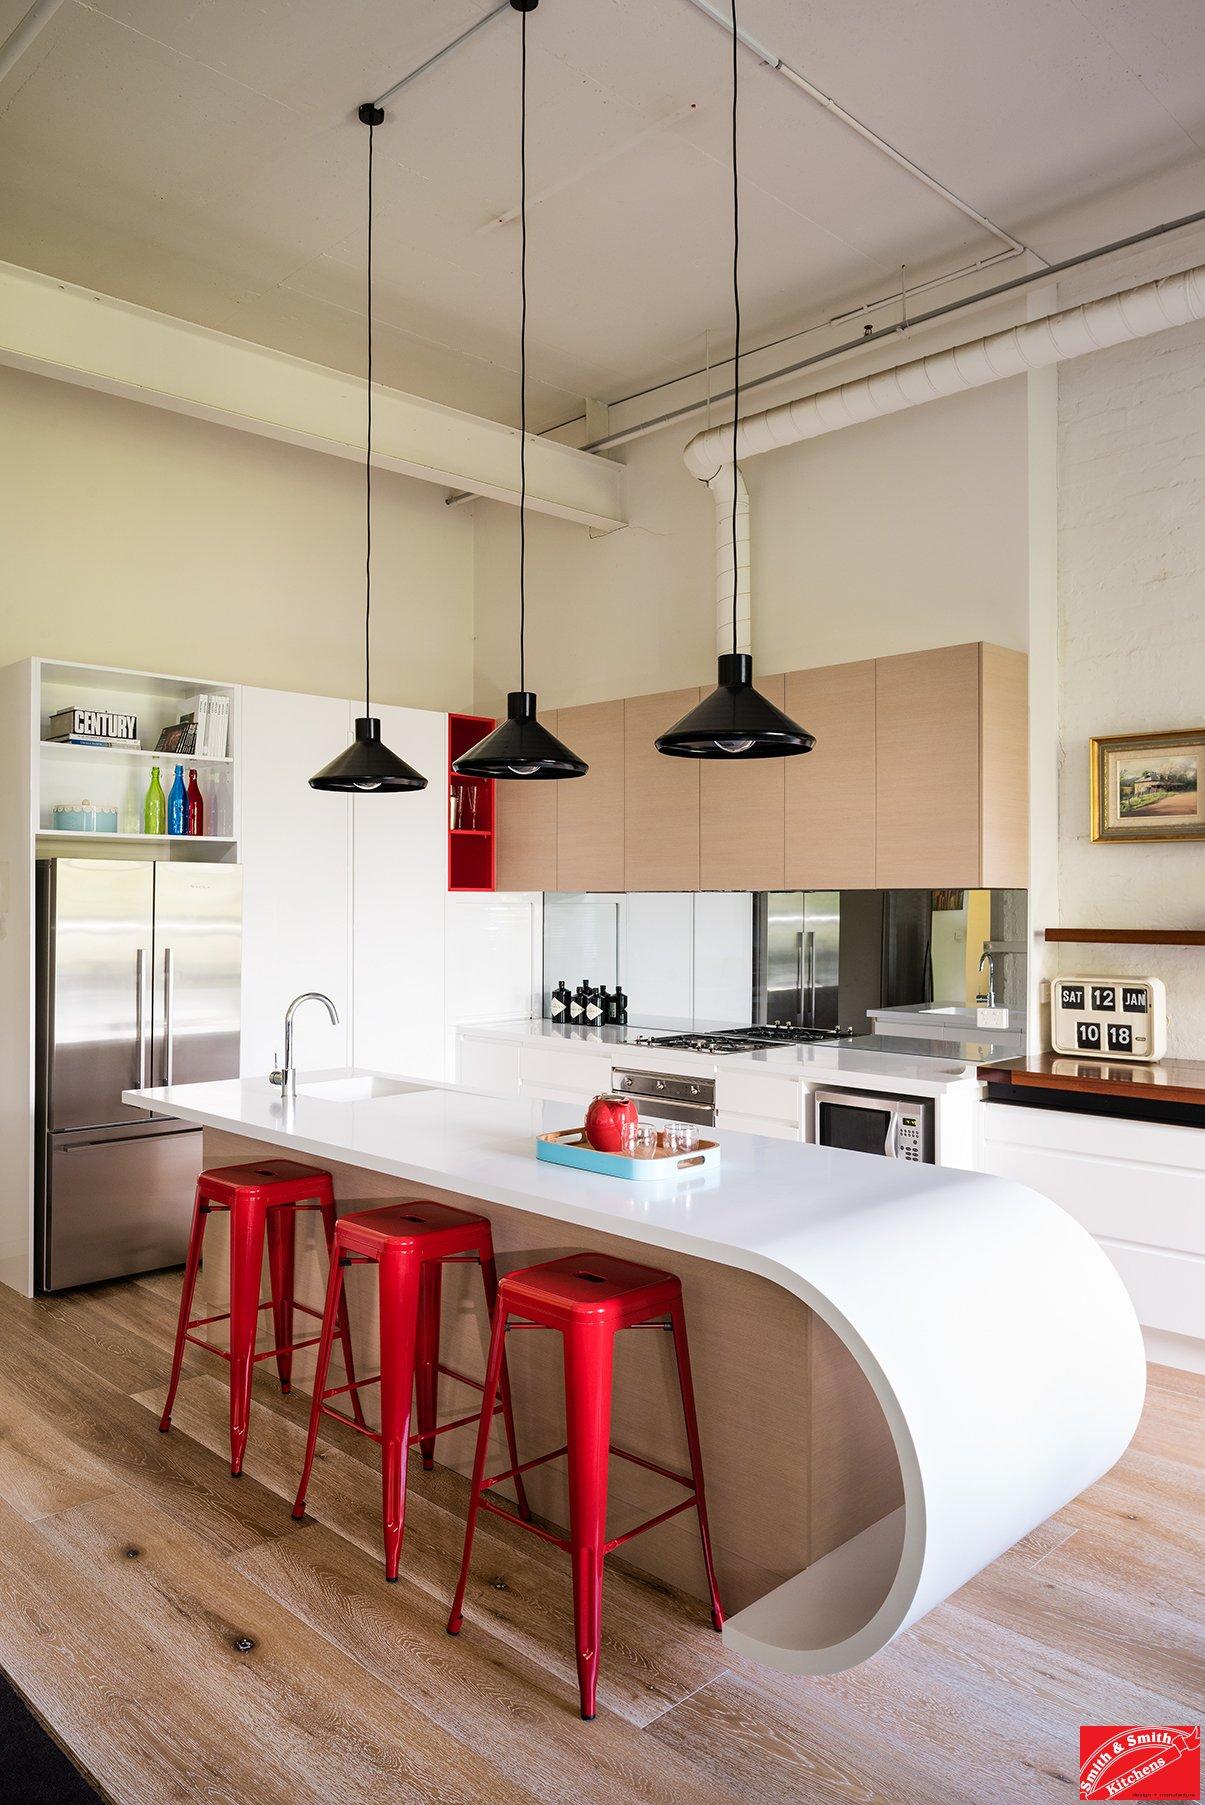 Kitchen Plans | Kitchen Layout | Work Triangle